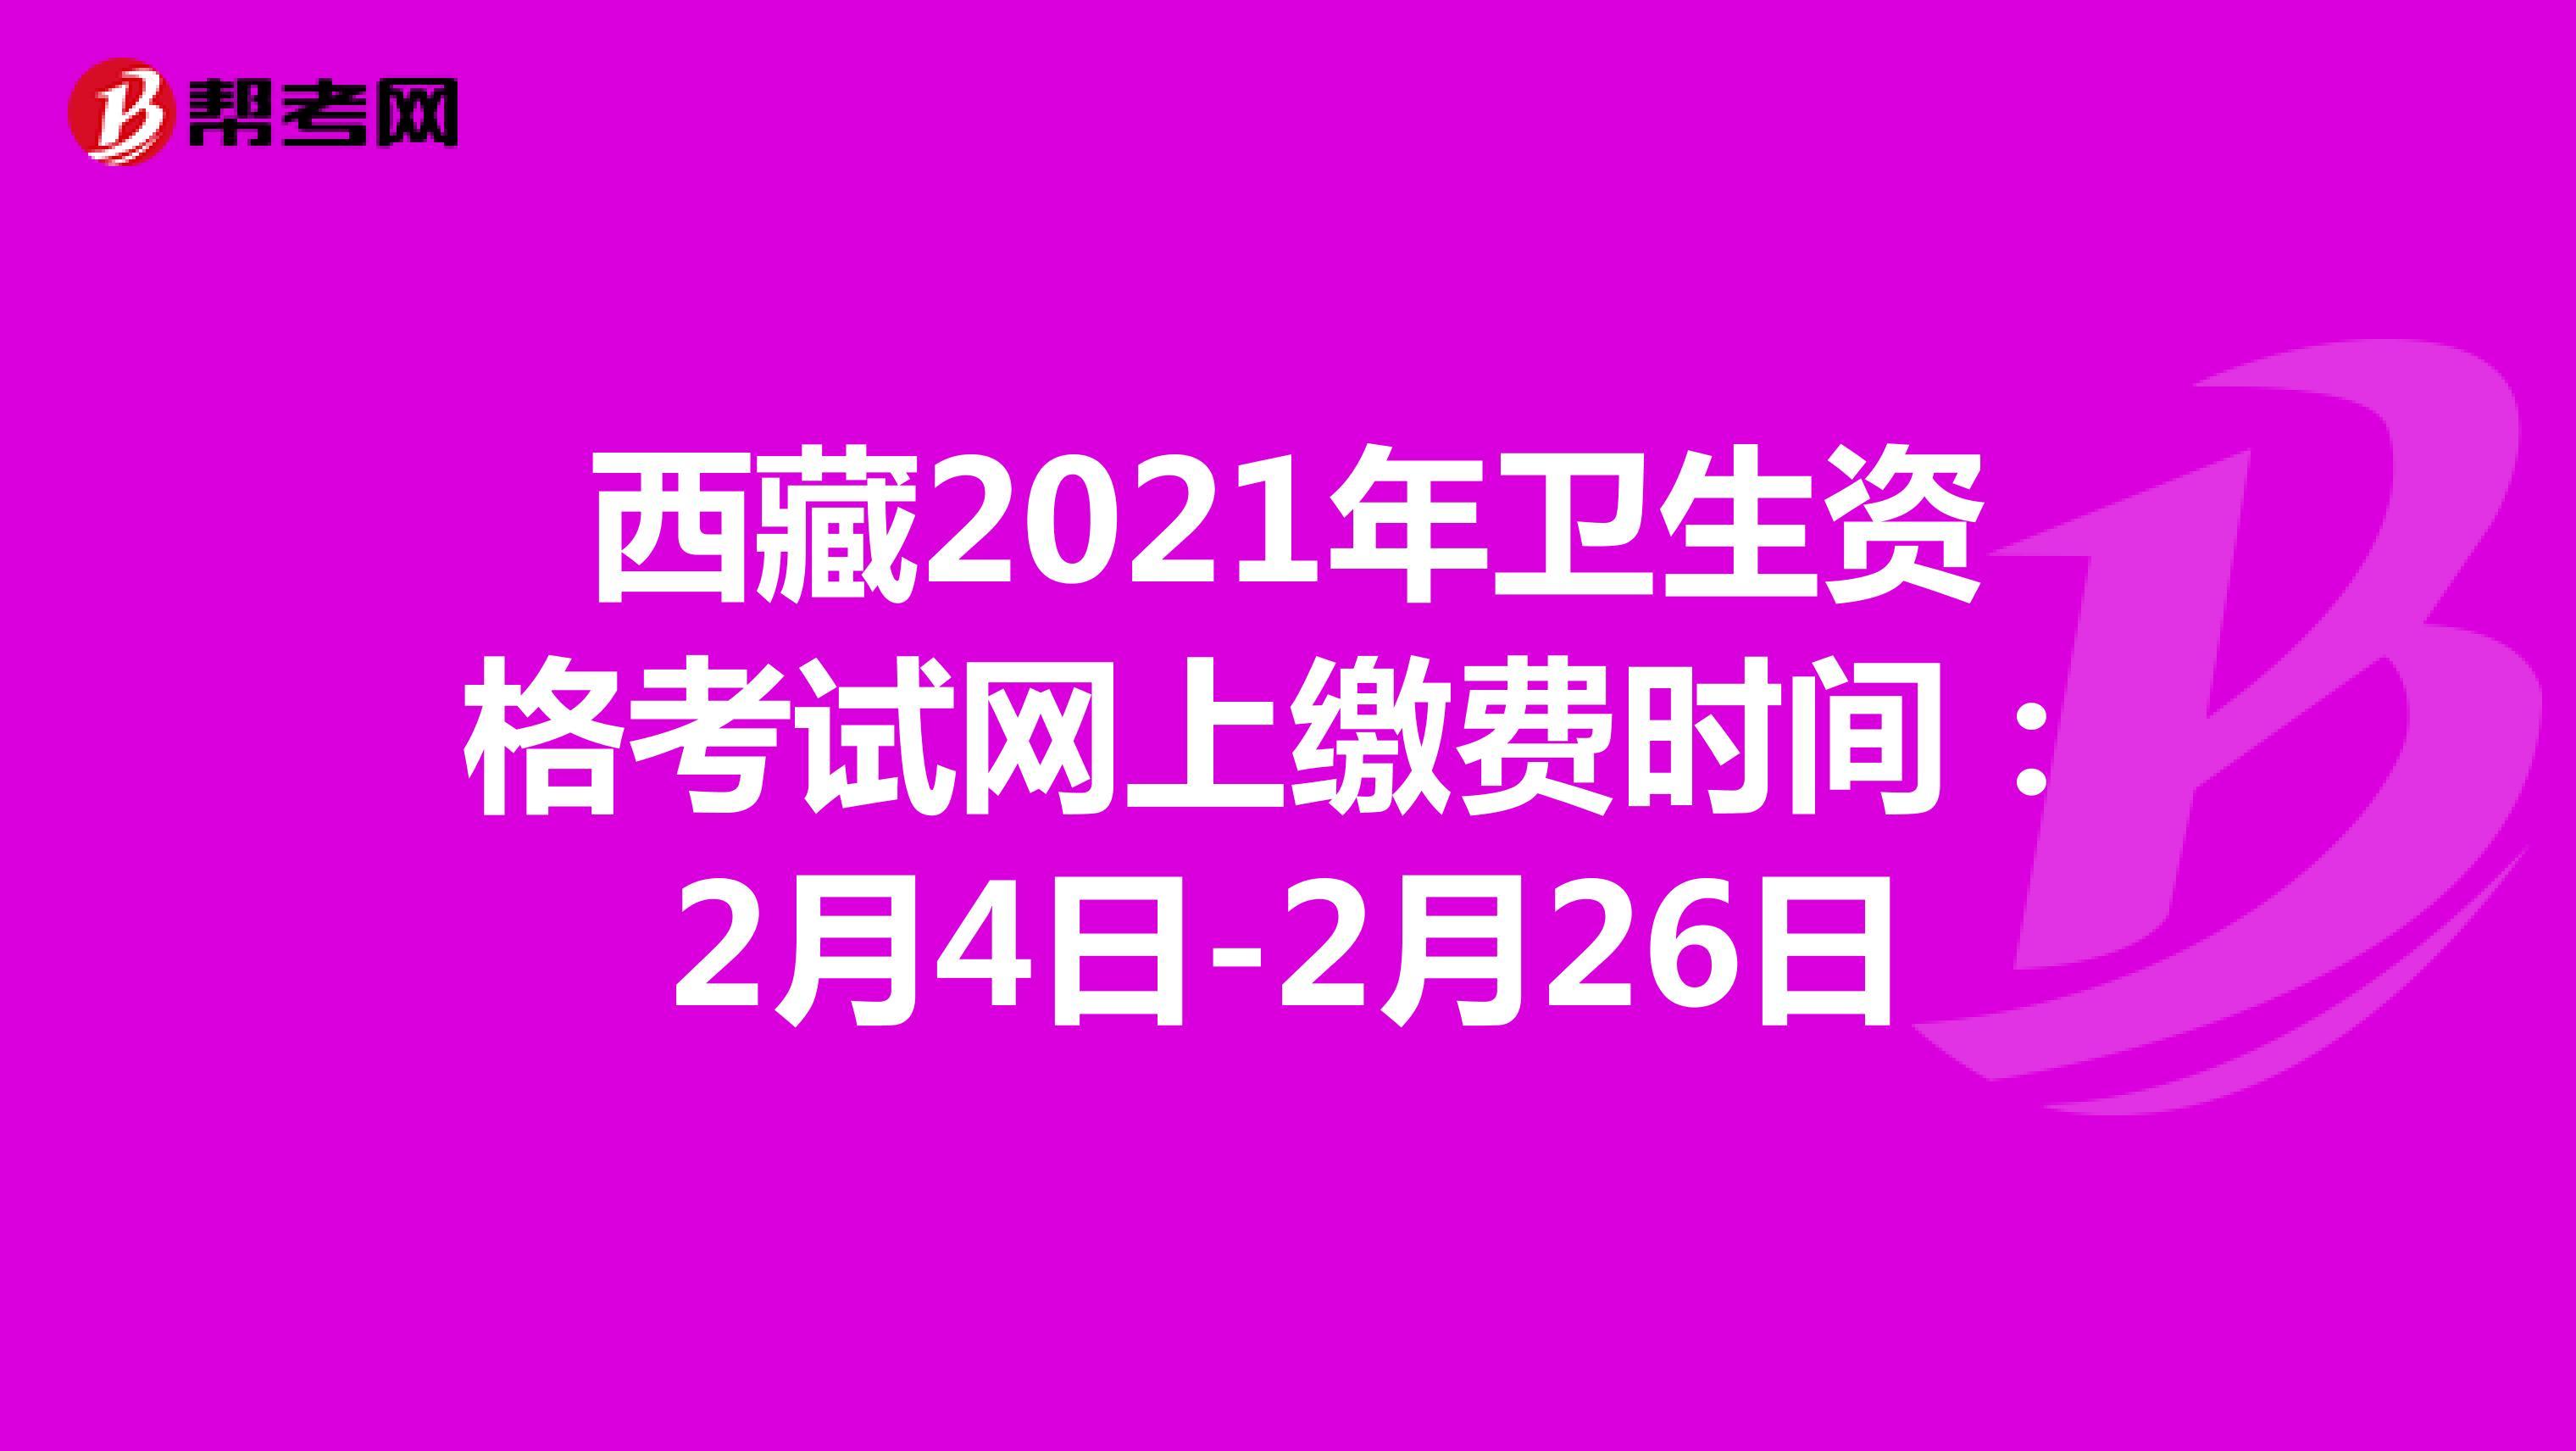 西藏2021年卫生资格考试网上缴费时间:2月4日-2月26日